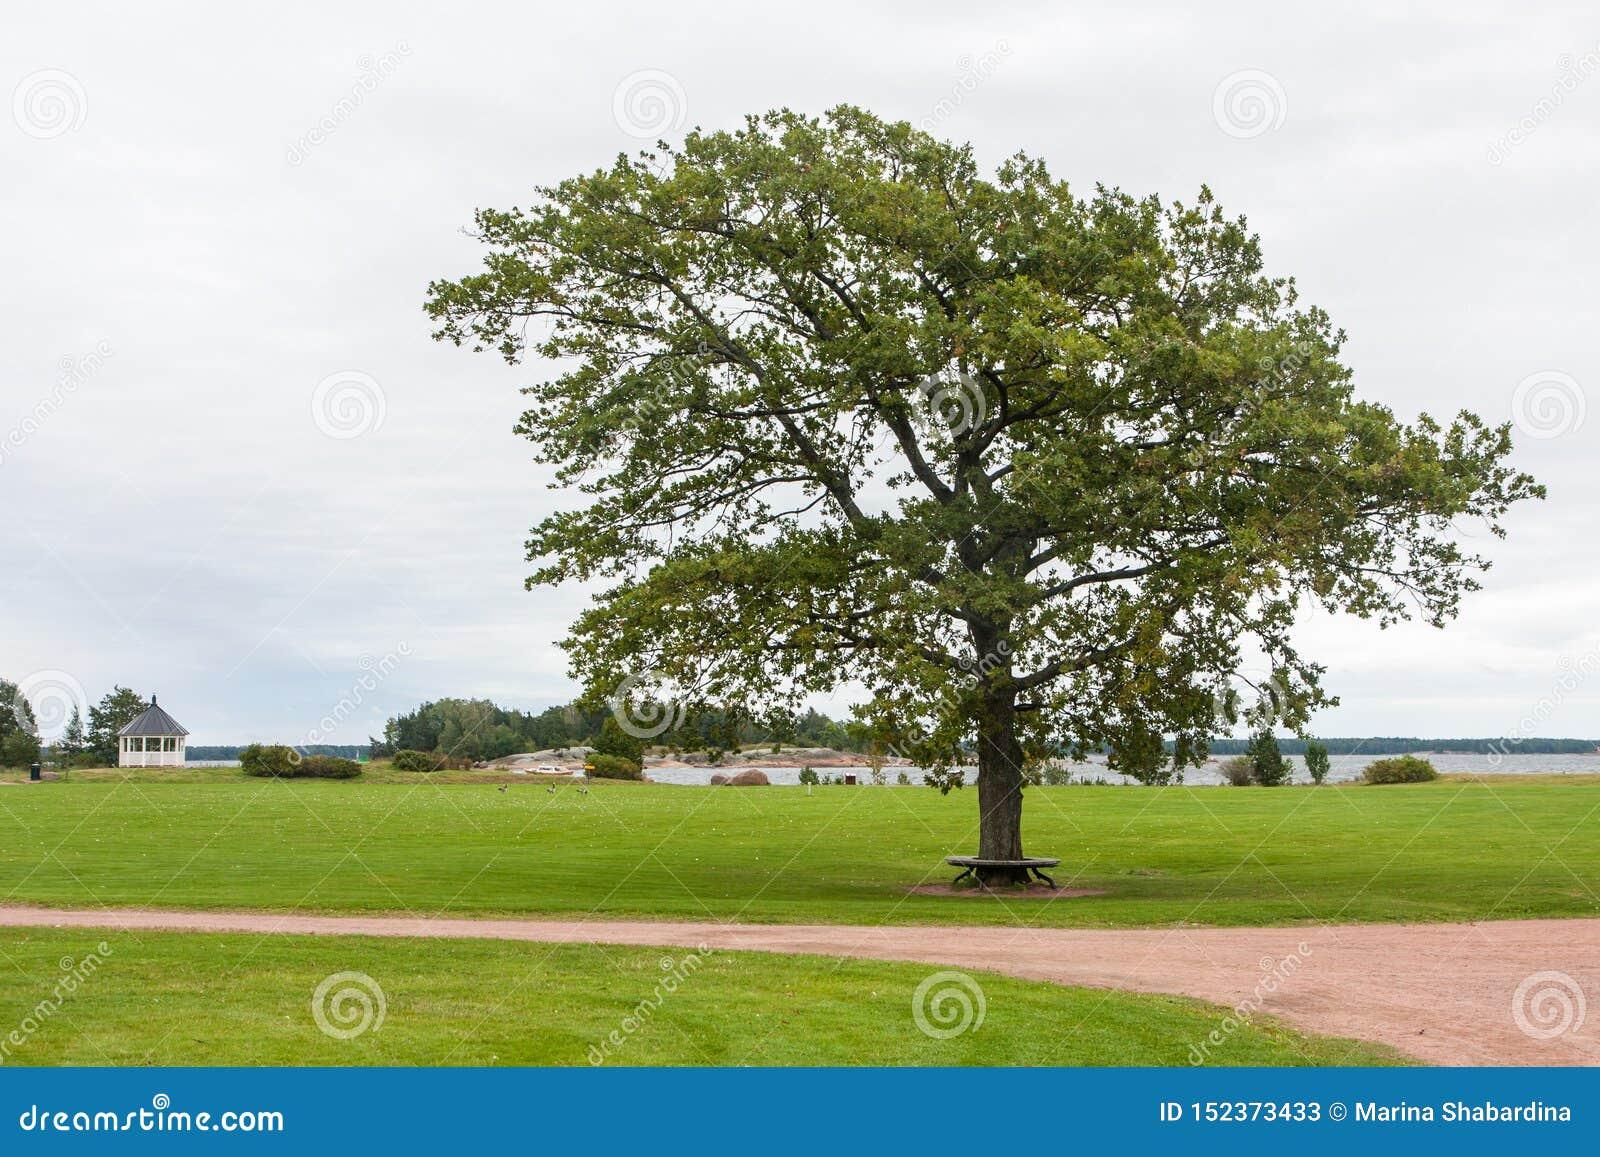 Osamotniony drzewo, ławka, trawa, droga i niebo,